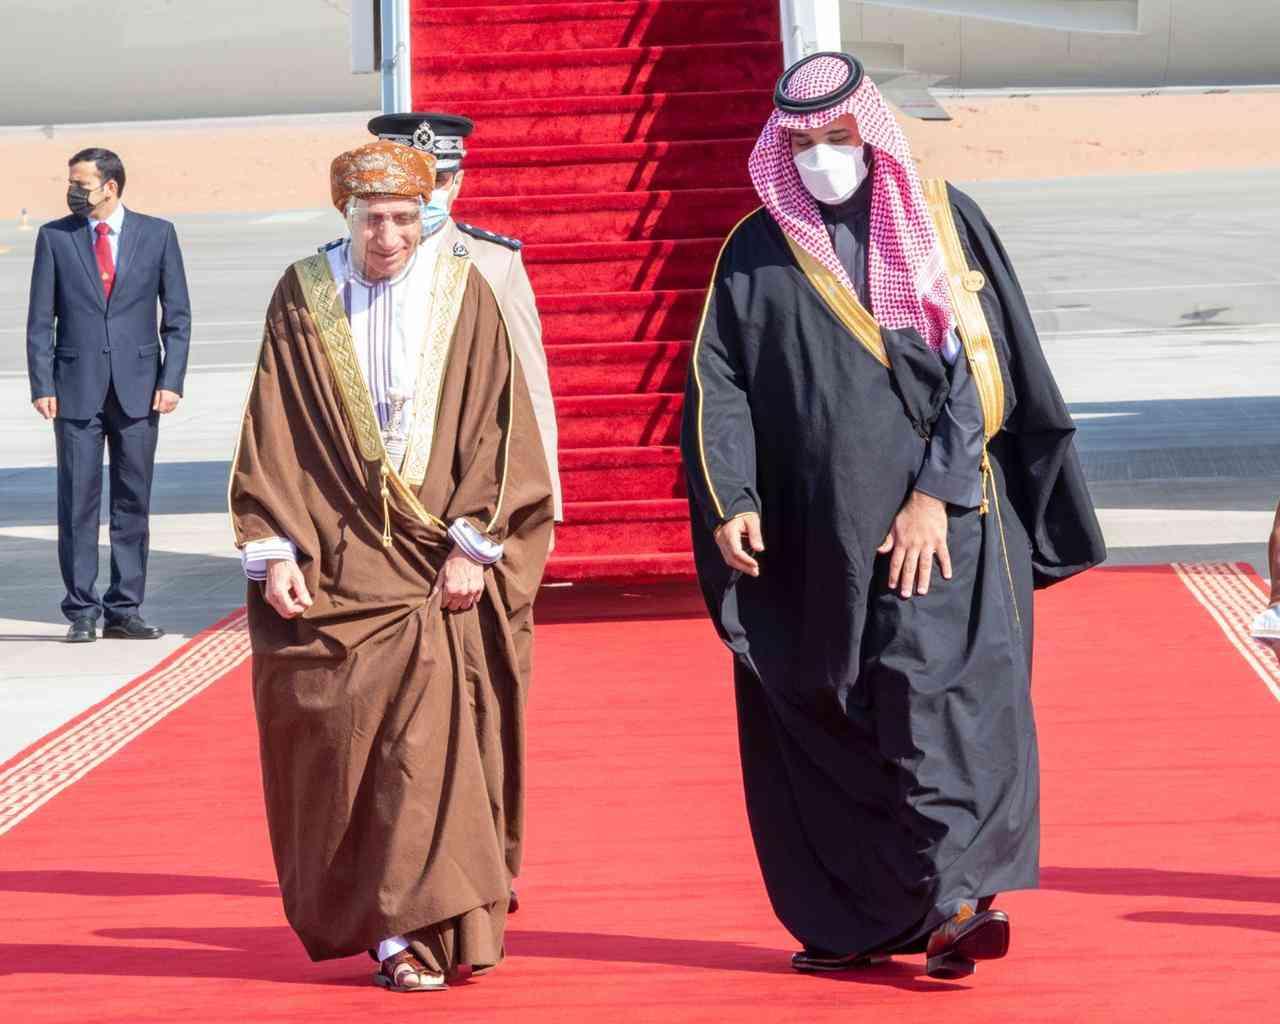 الصورة : ولي العهد السعودي يستقبل نائب رئيس مجلس الوزراء لشئون مجلس الوزراء بسلطنة عمان